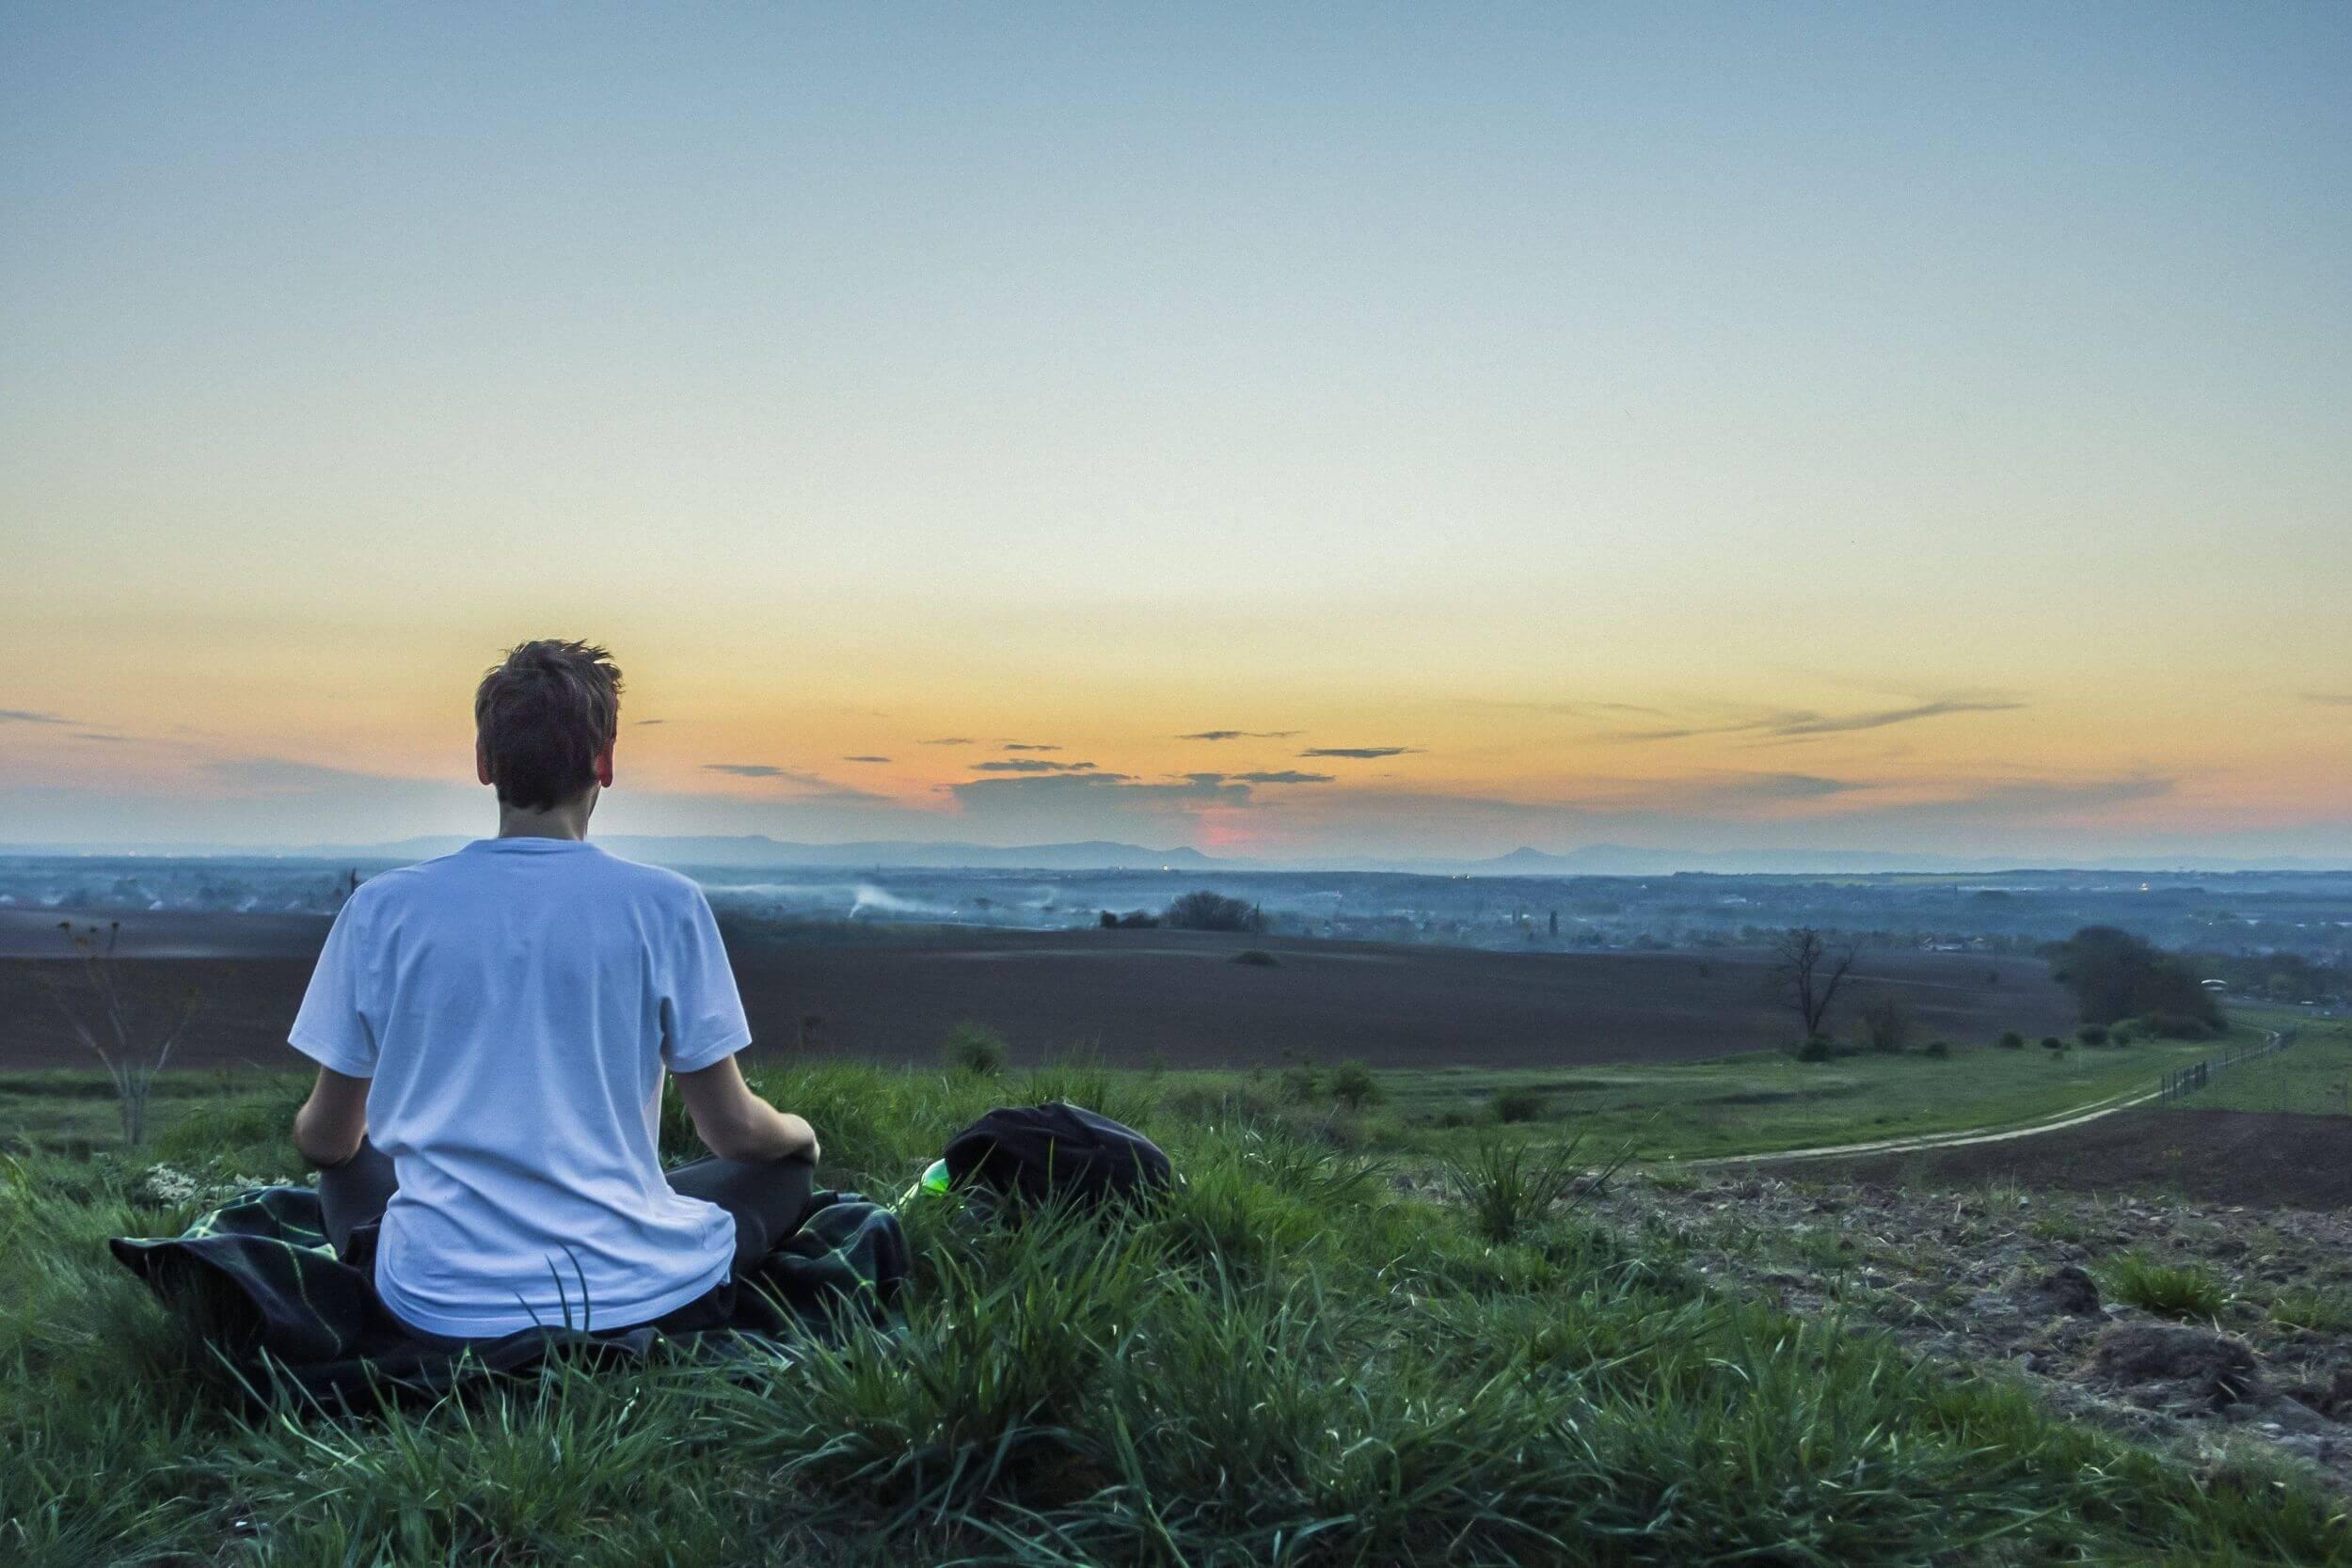 תרגילי מדיטציה להרגעה